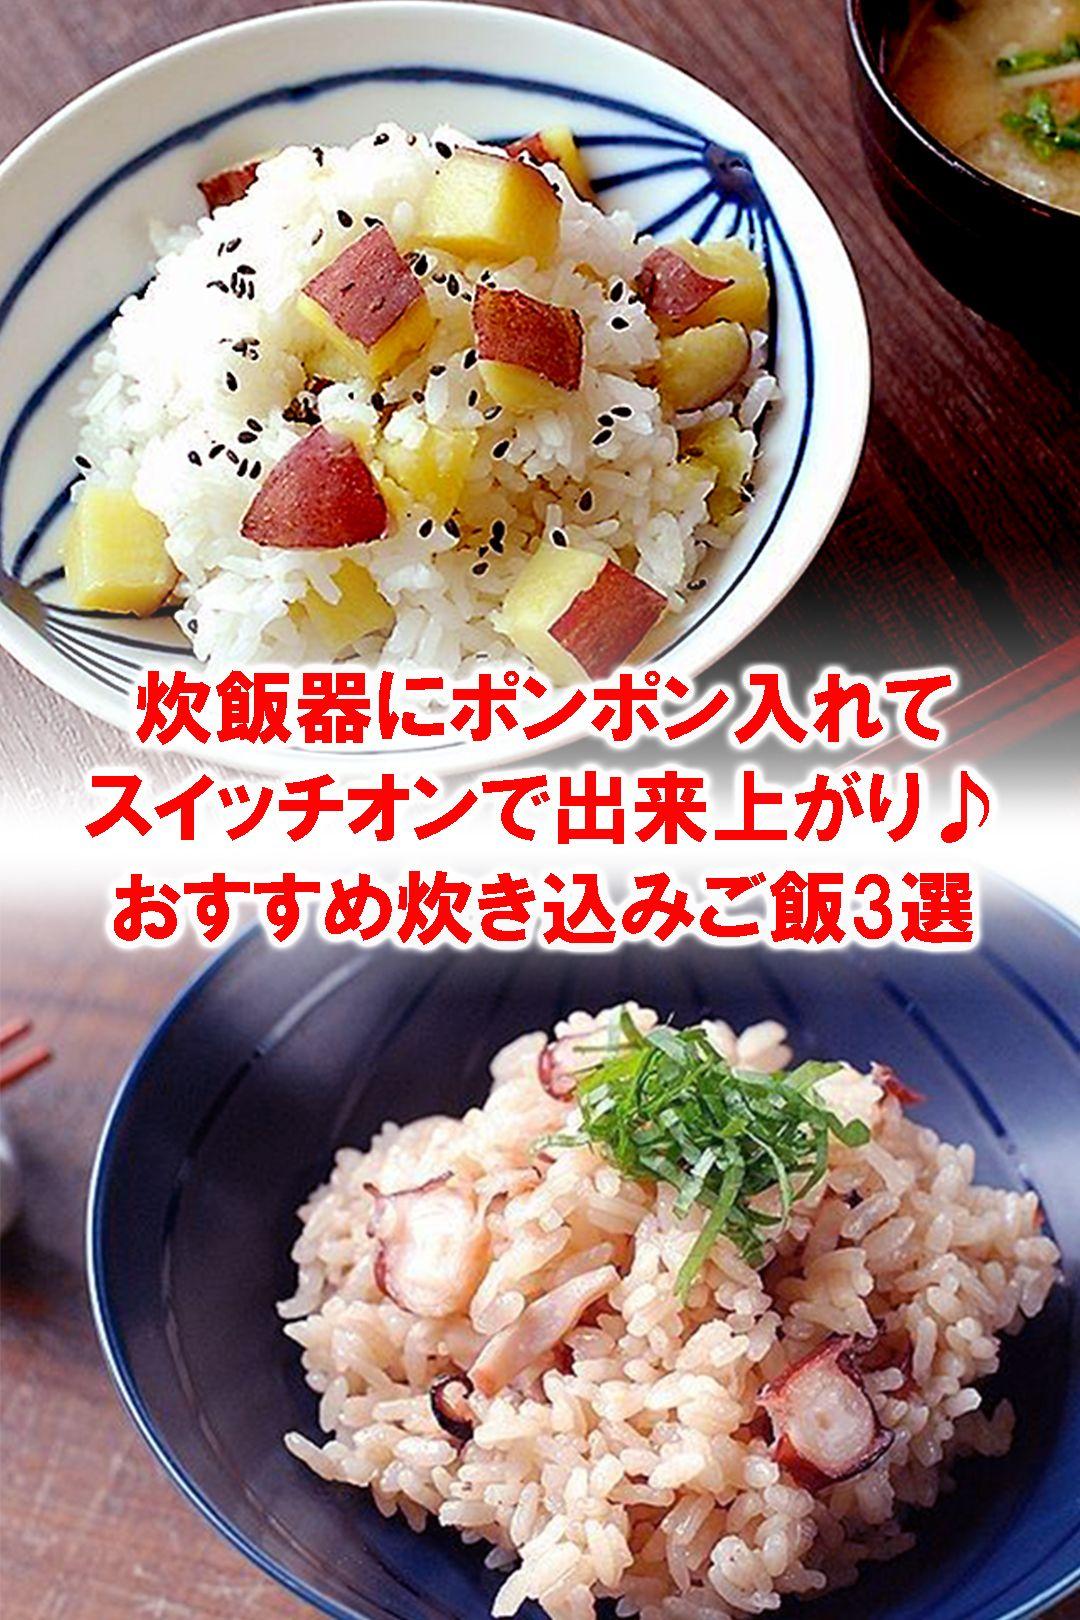 人気 芋 ご飯 レシピ